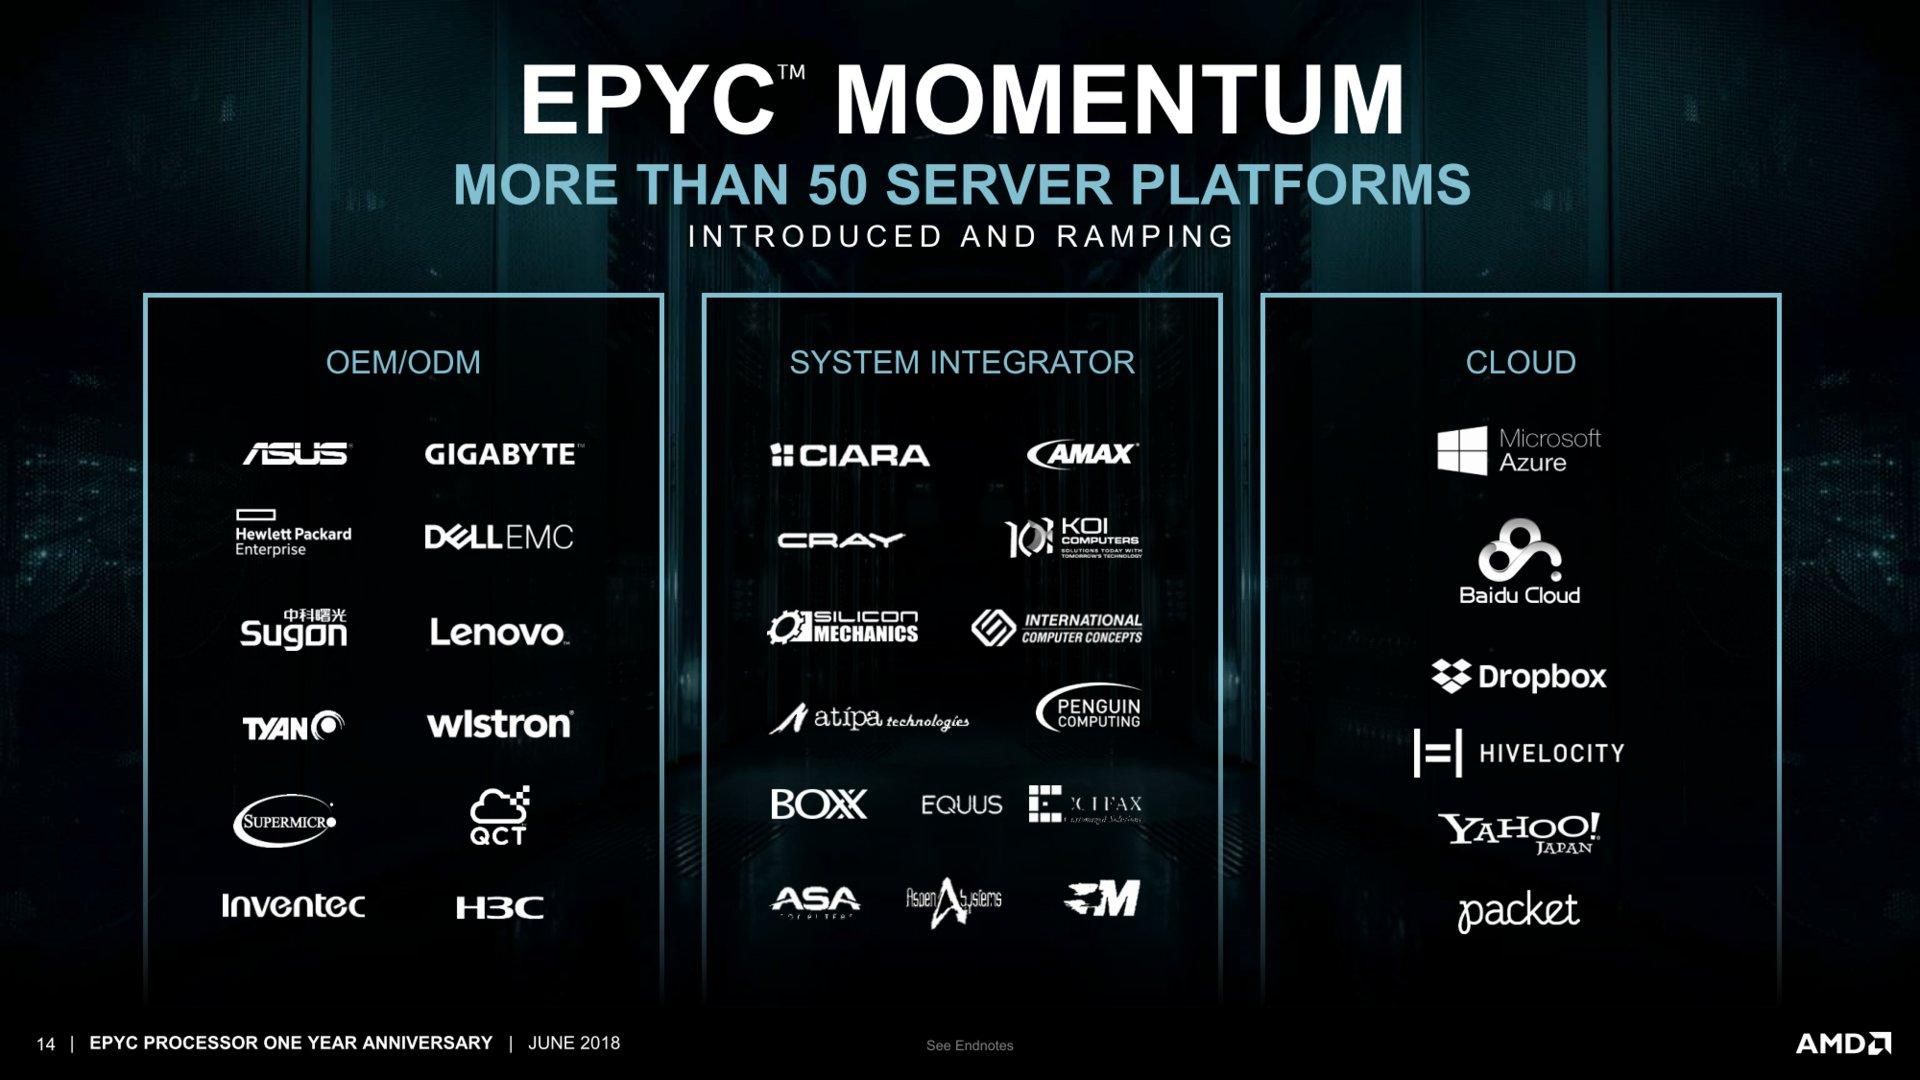 Oracle gesellt sich zu den Cloud-Anbietern mit AMD Epyc hinzu